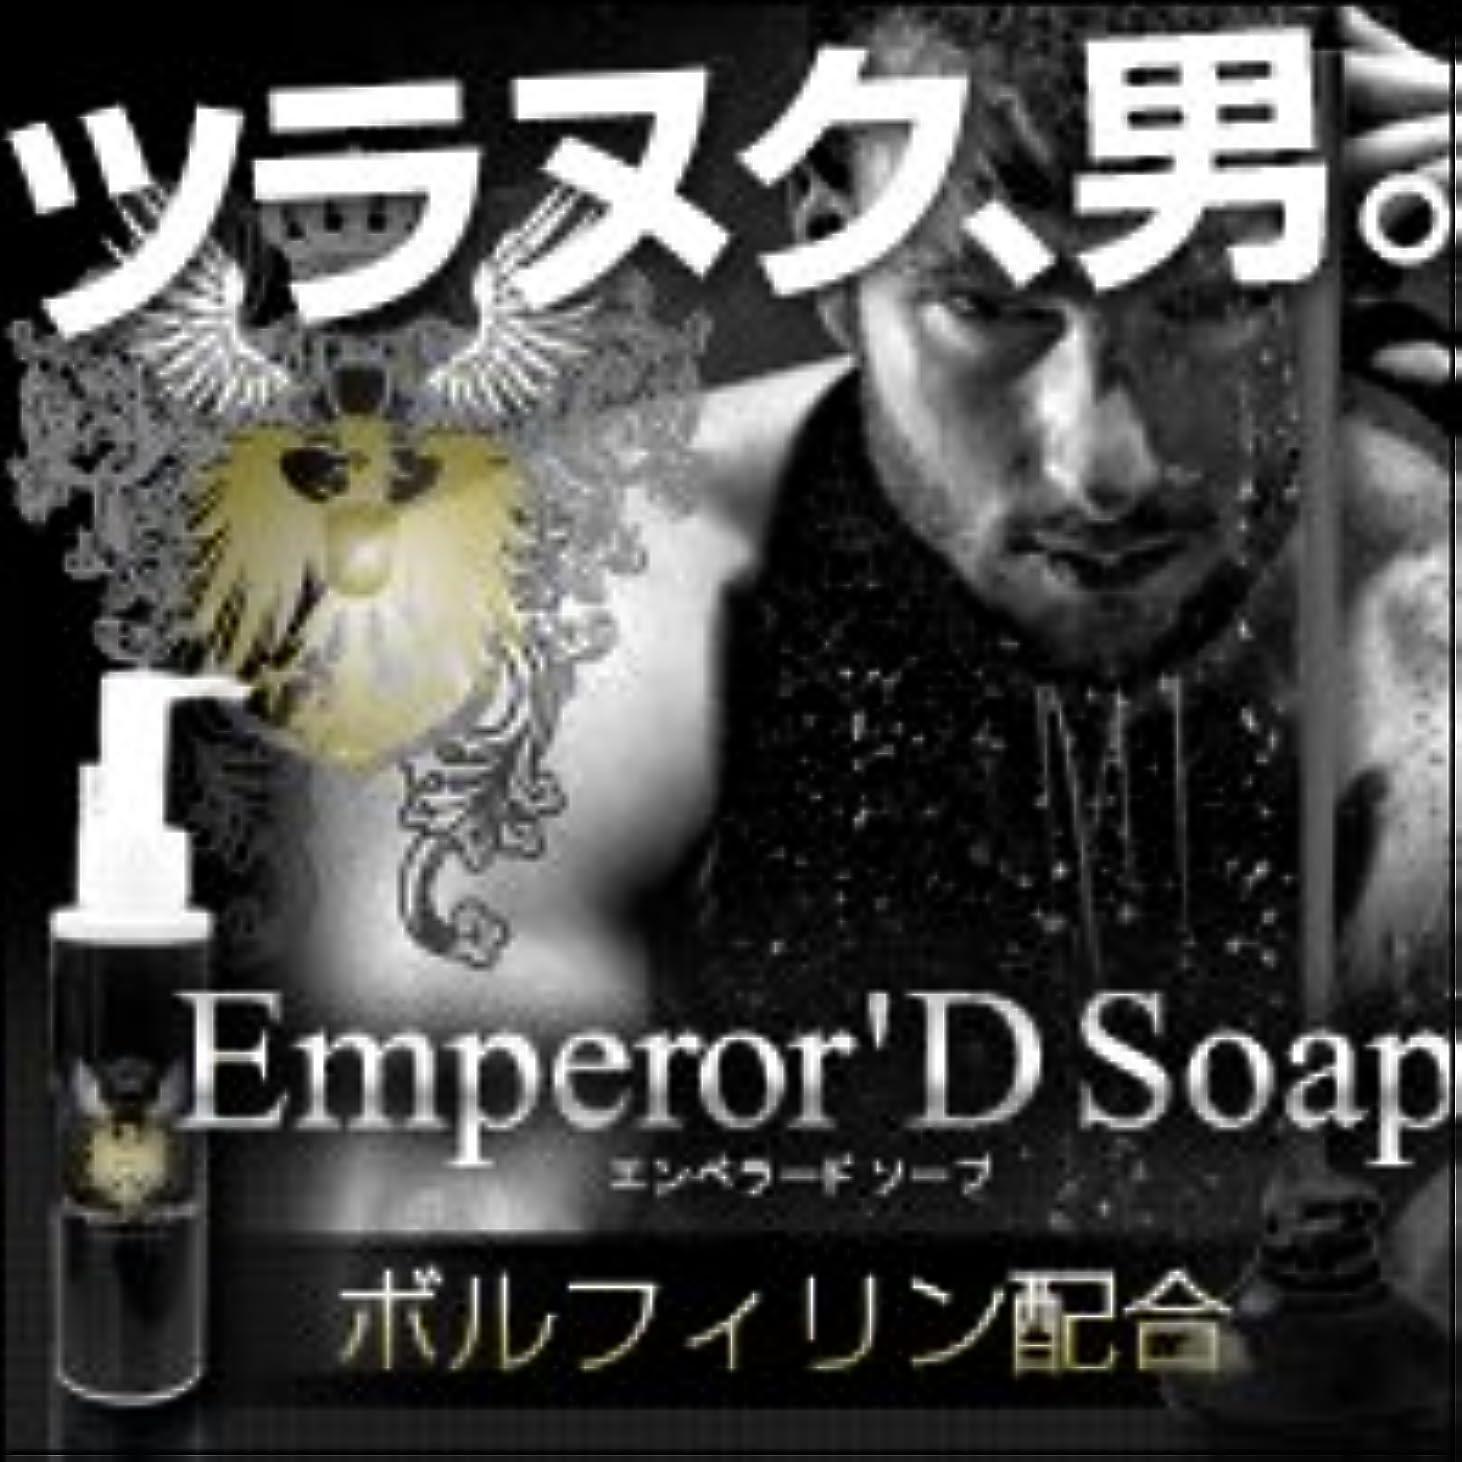 病弱識字子孫【Emperor'D Soap(エンペラードソープ)】ツラヌク男になる!!!